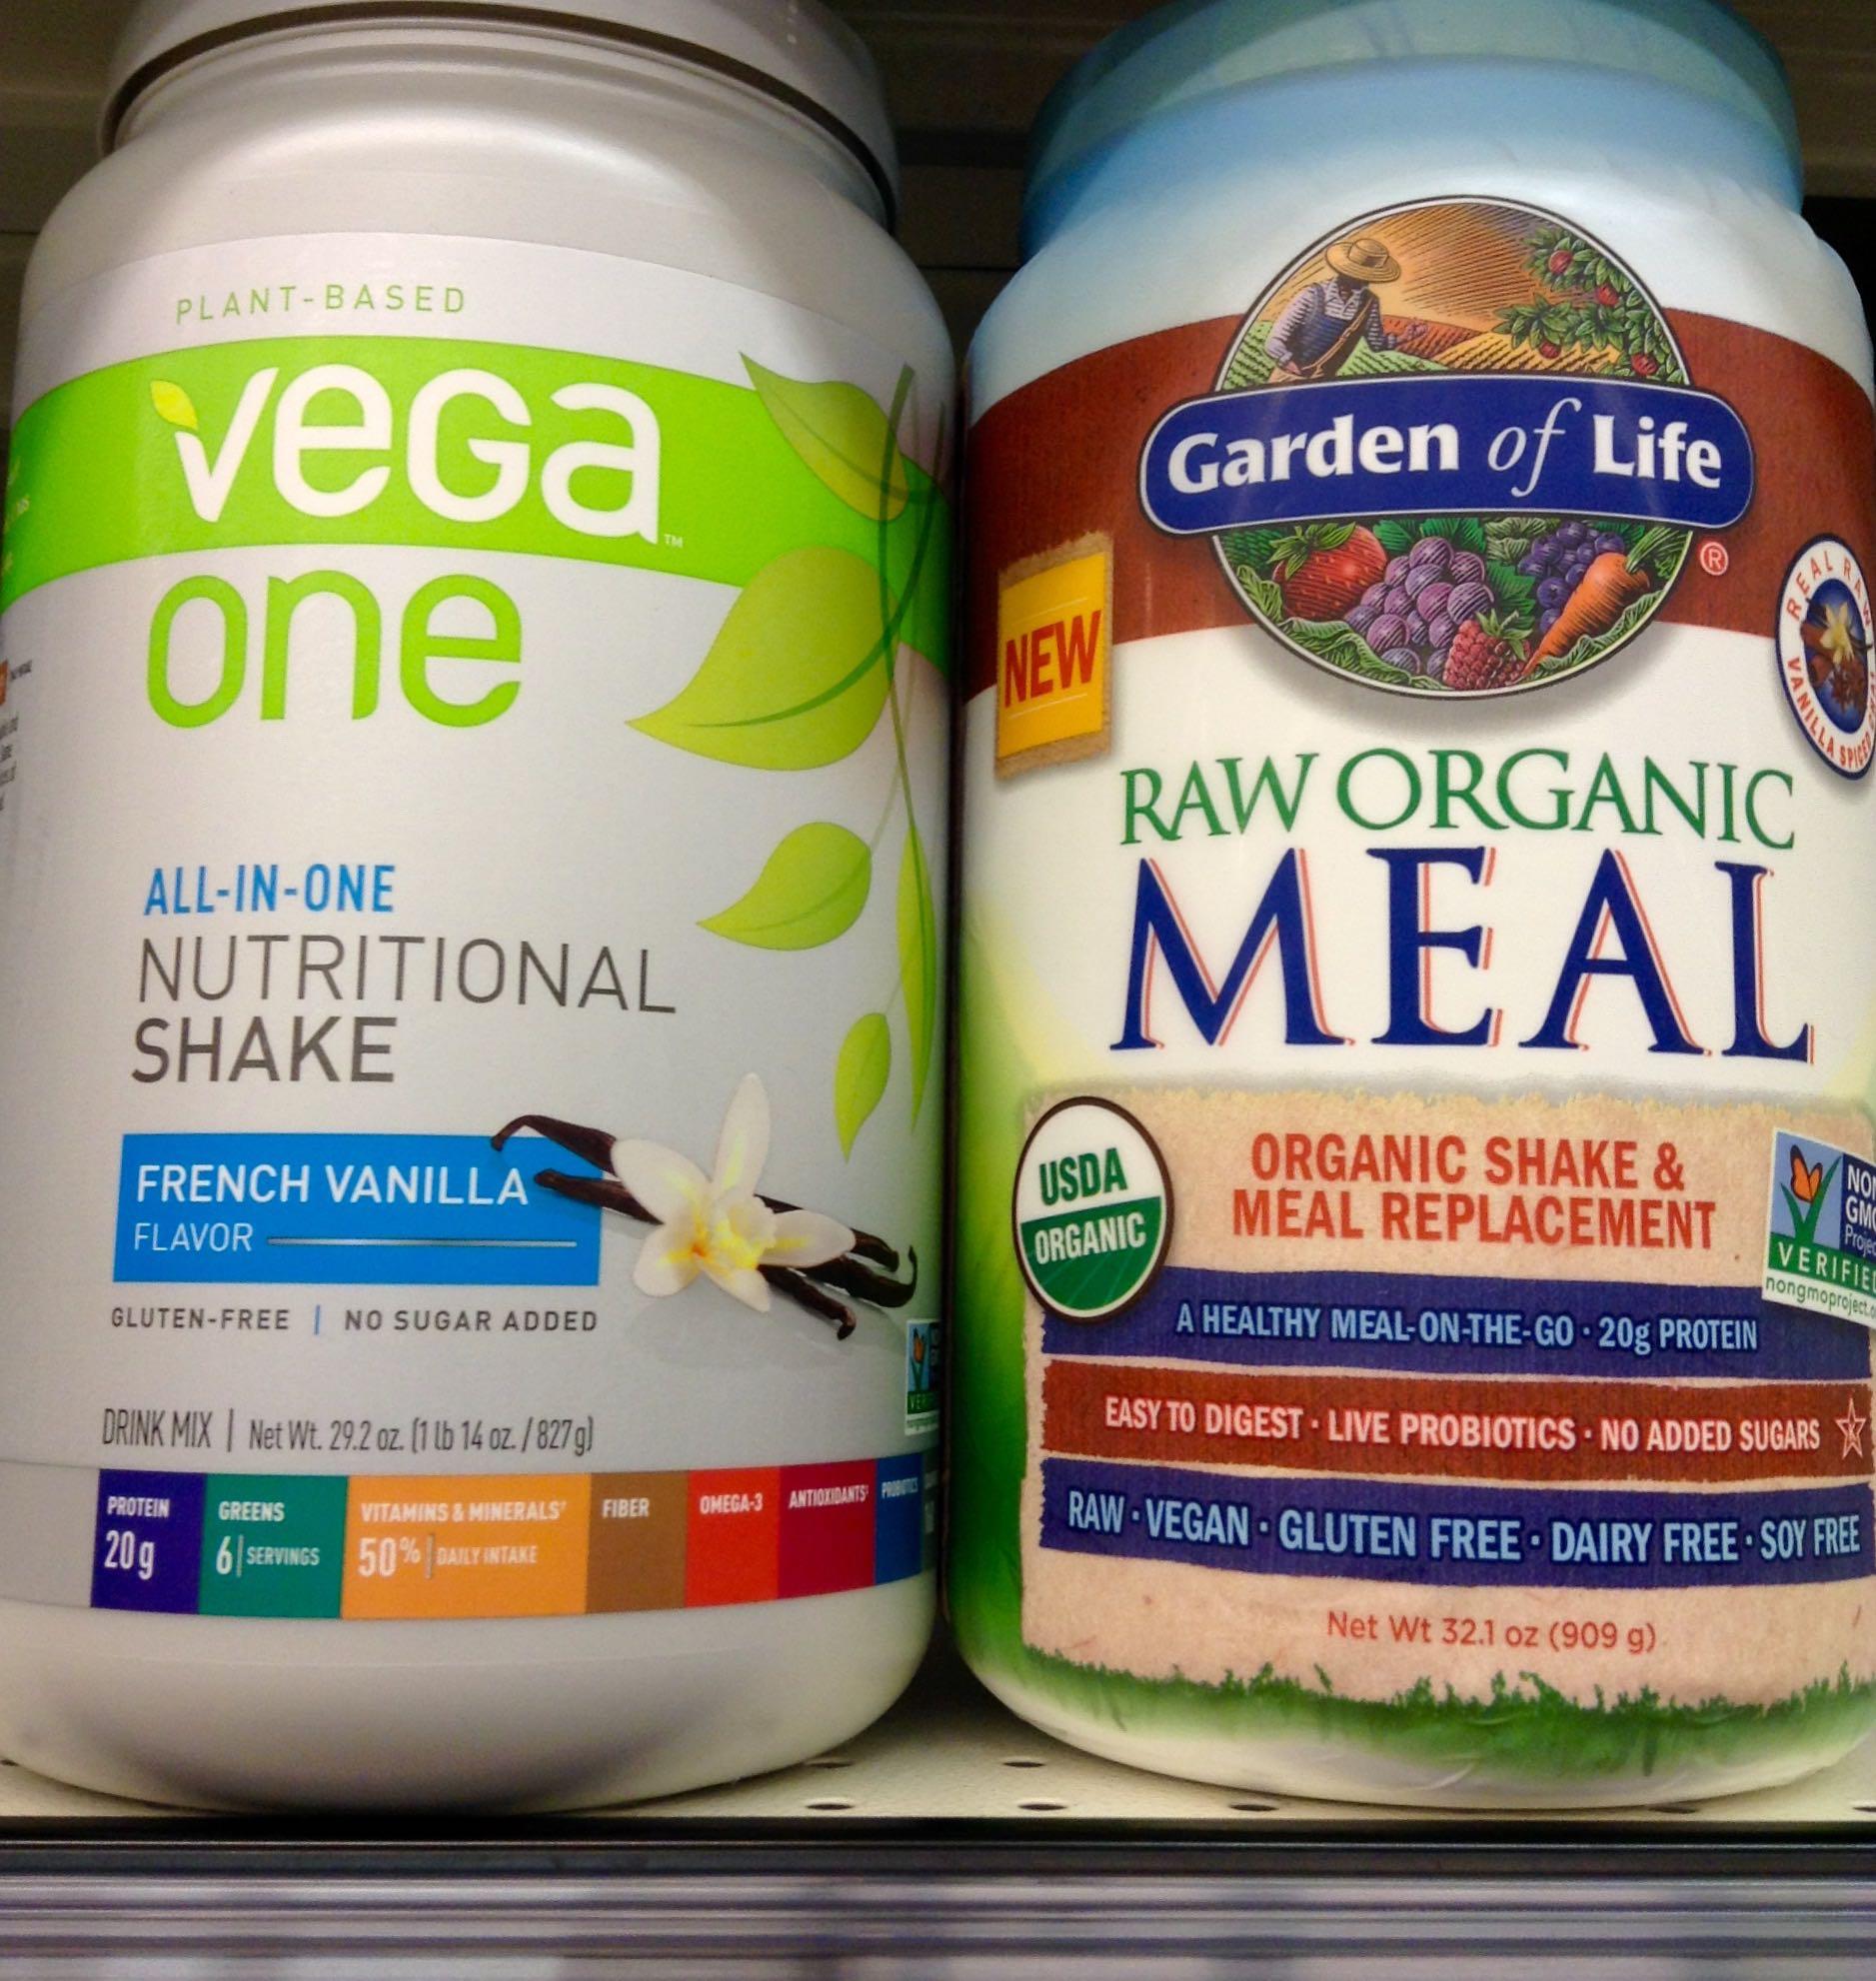 Raw Meal vs. Vega One